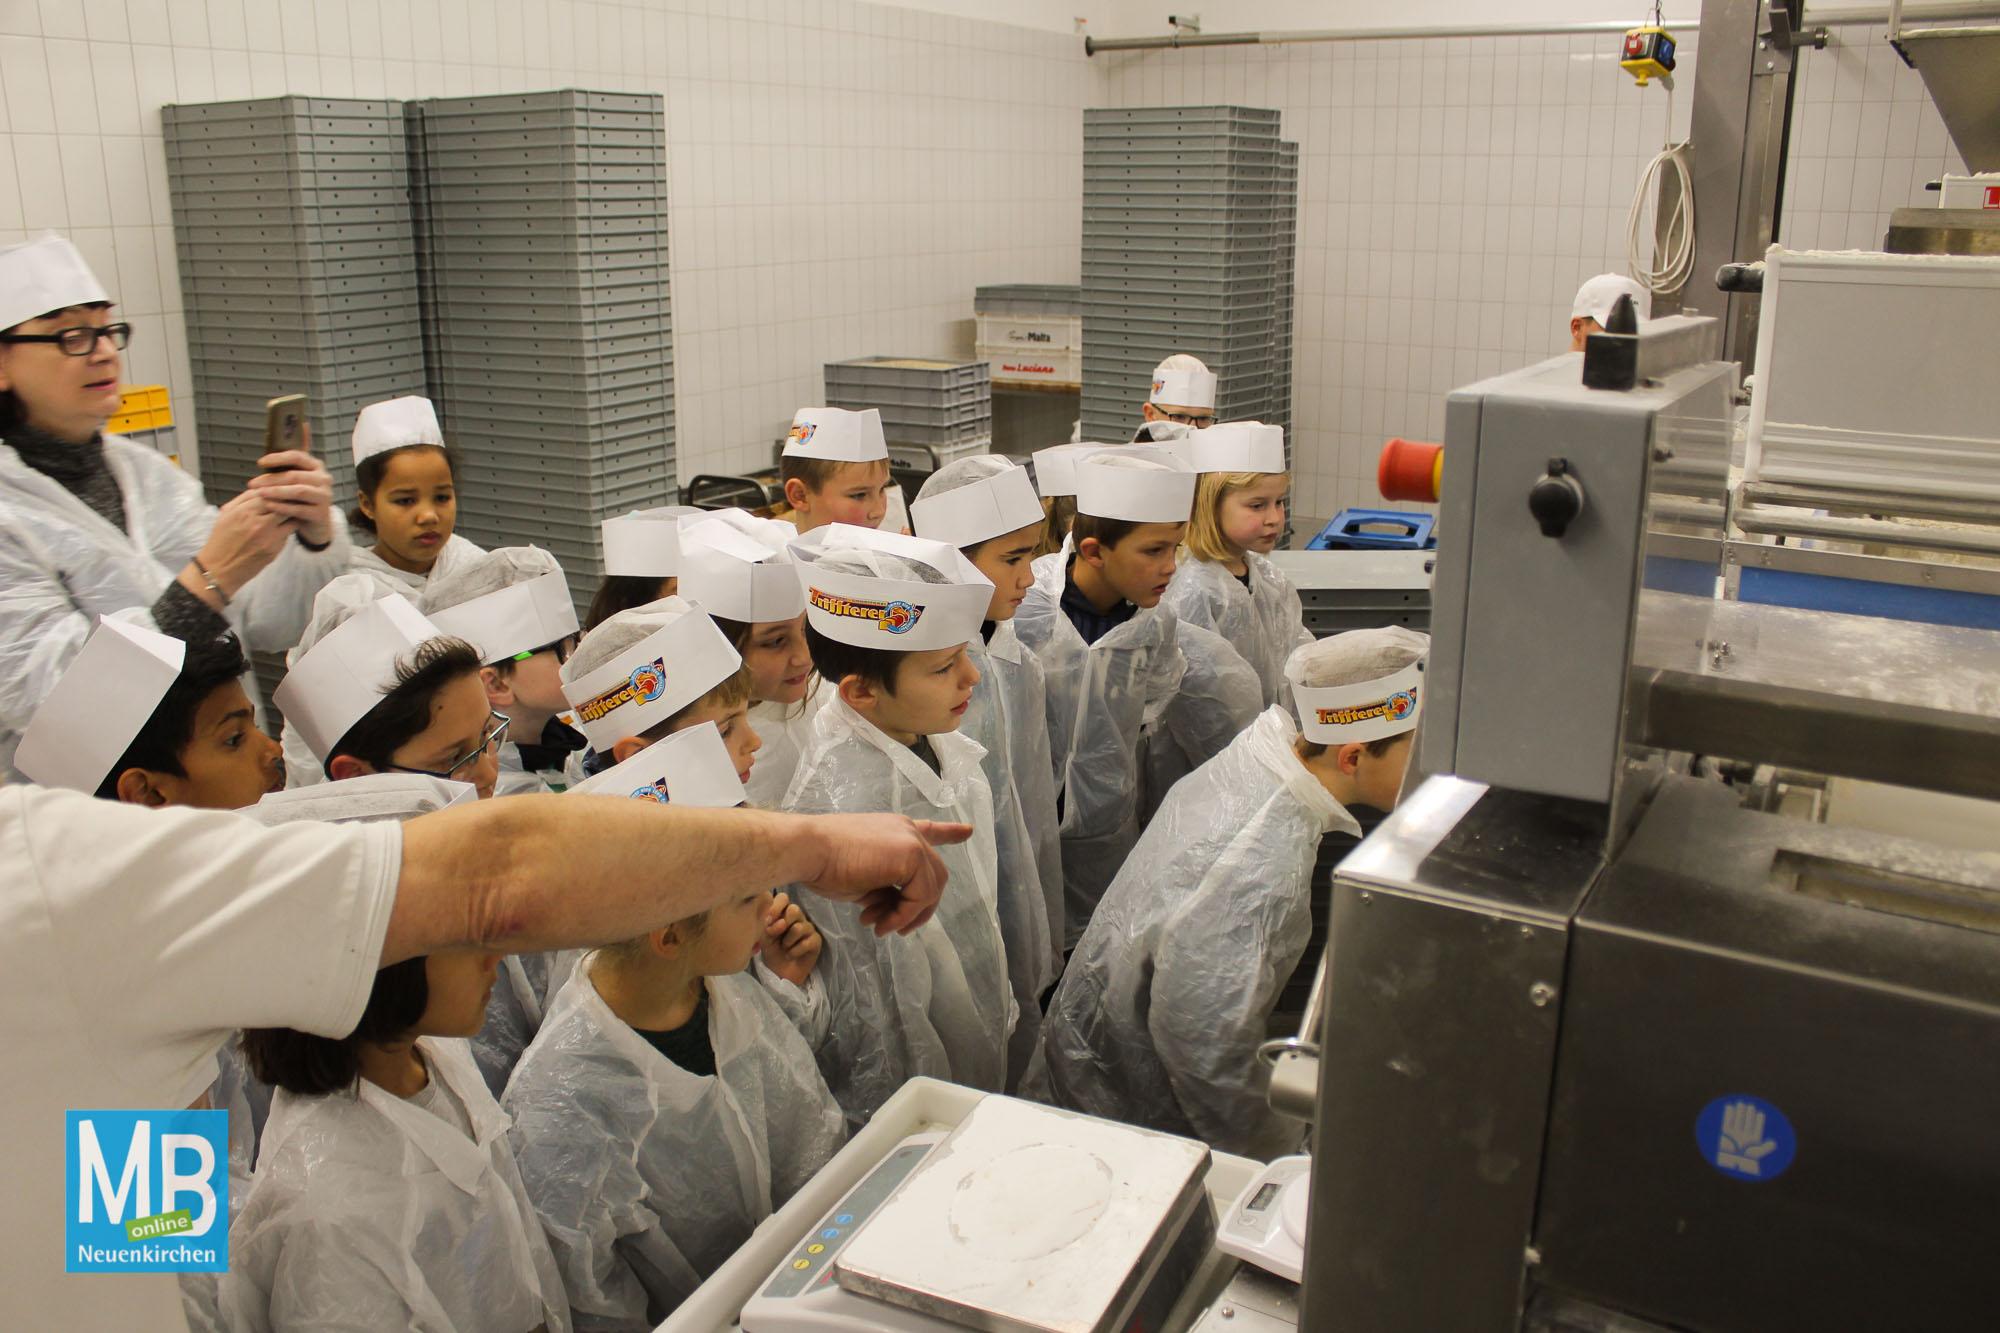 Lernende der Ludgerischule besichtigen die Backstube der Bäckerei Trifterer. | Foto: Kaumanns